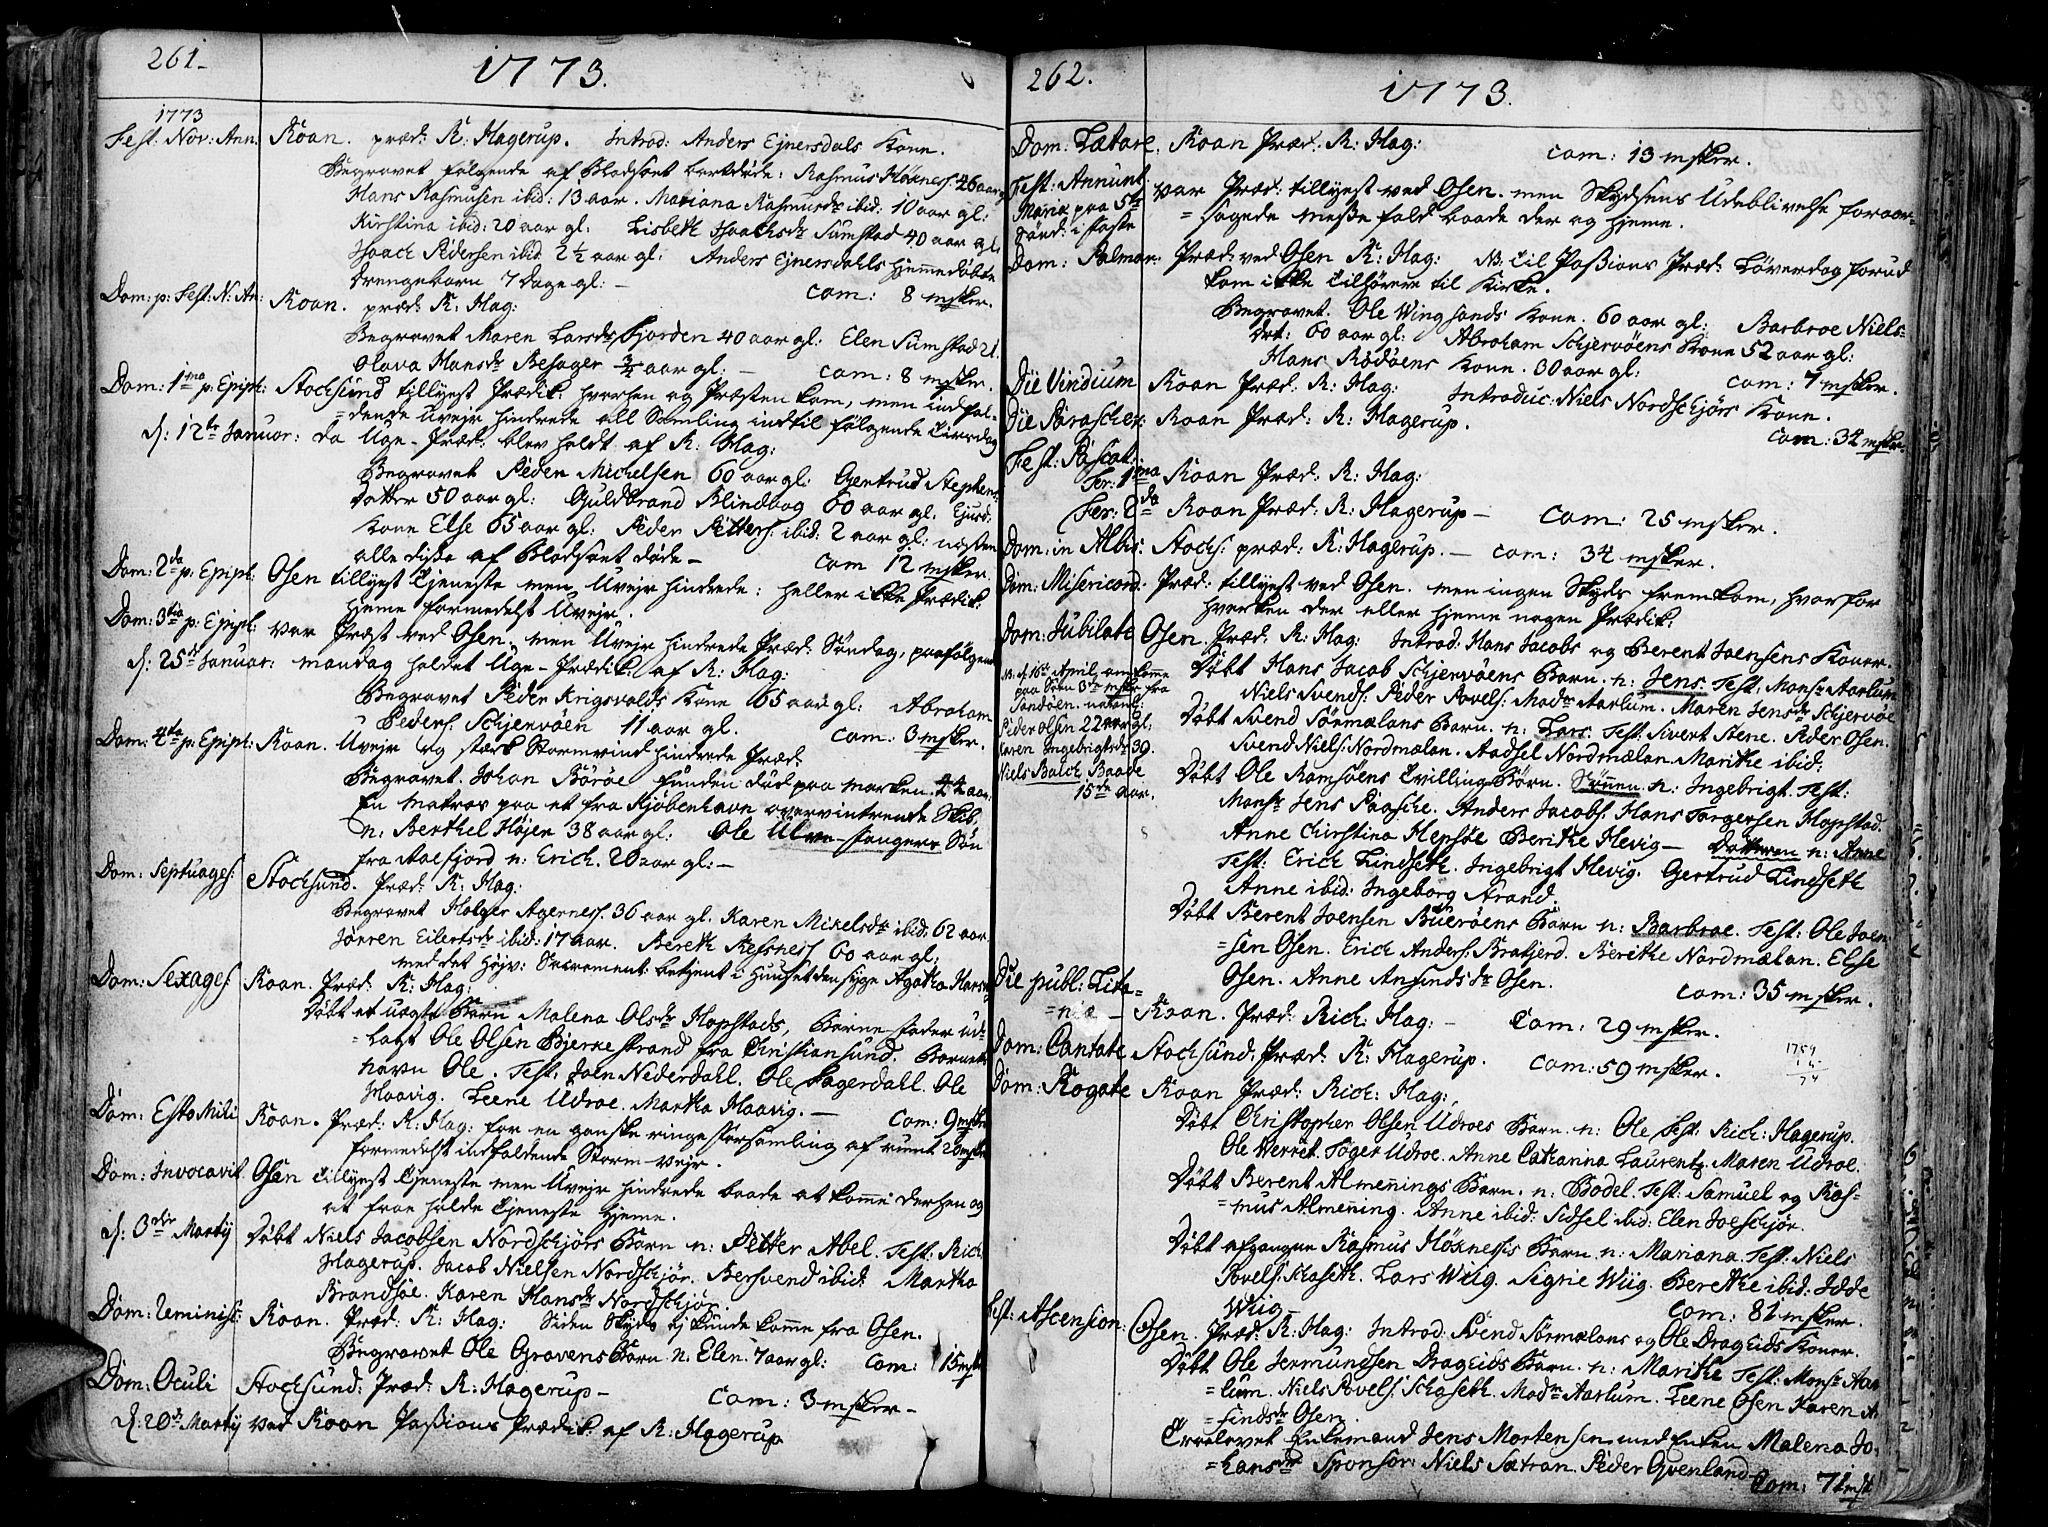 SAT, Ministerialprotokoller, klokkerbøker og fødselsregistre - Sør-Trøndelag, 657/L0700: Ministerialbok nr. 657A01, 1732-1801, s. 261-262